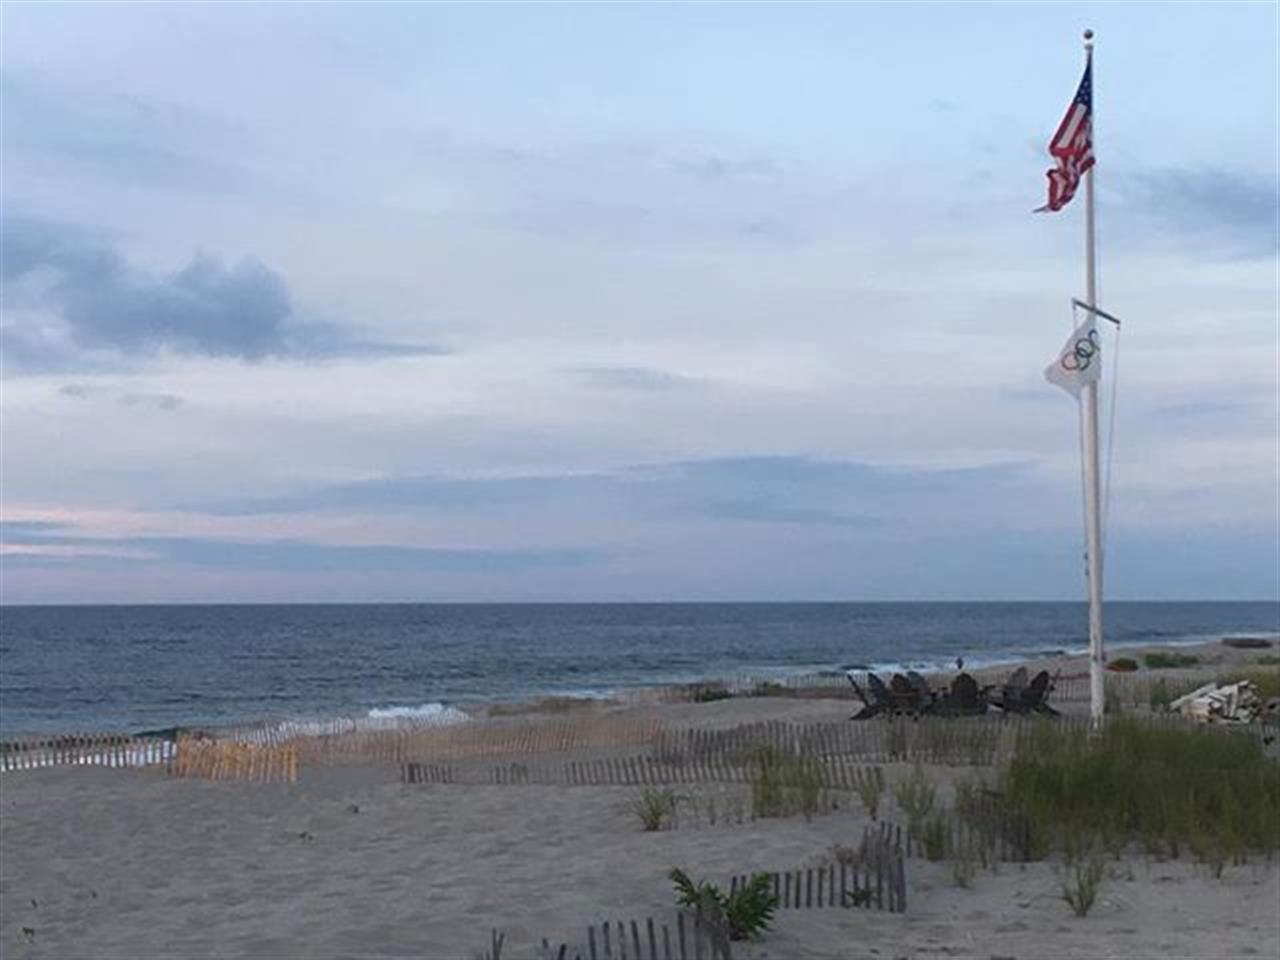 Good morning! #goodmorning #sunrise #beach #nj #olympics #jshn